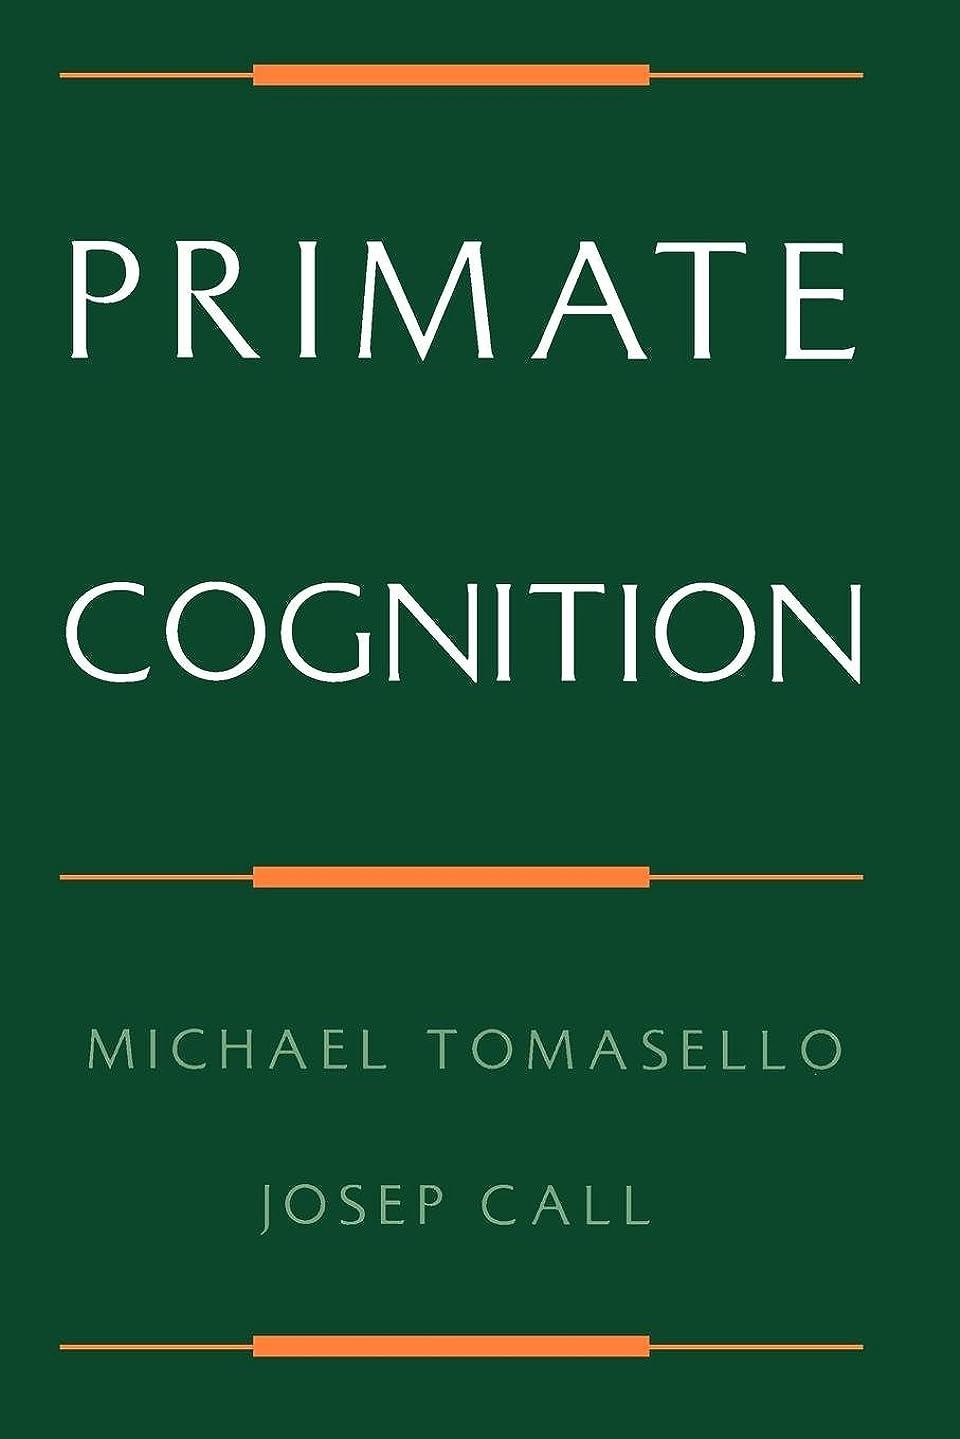 署名脱獄スラダムPrimate Cognition